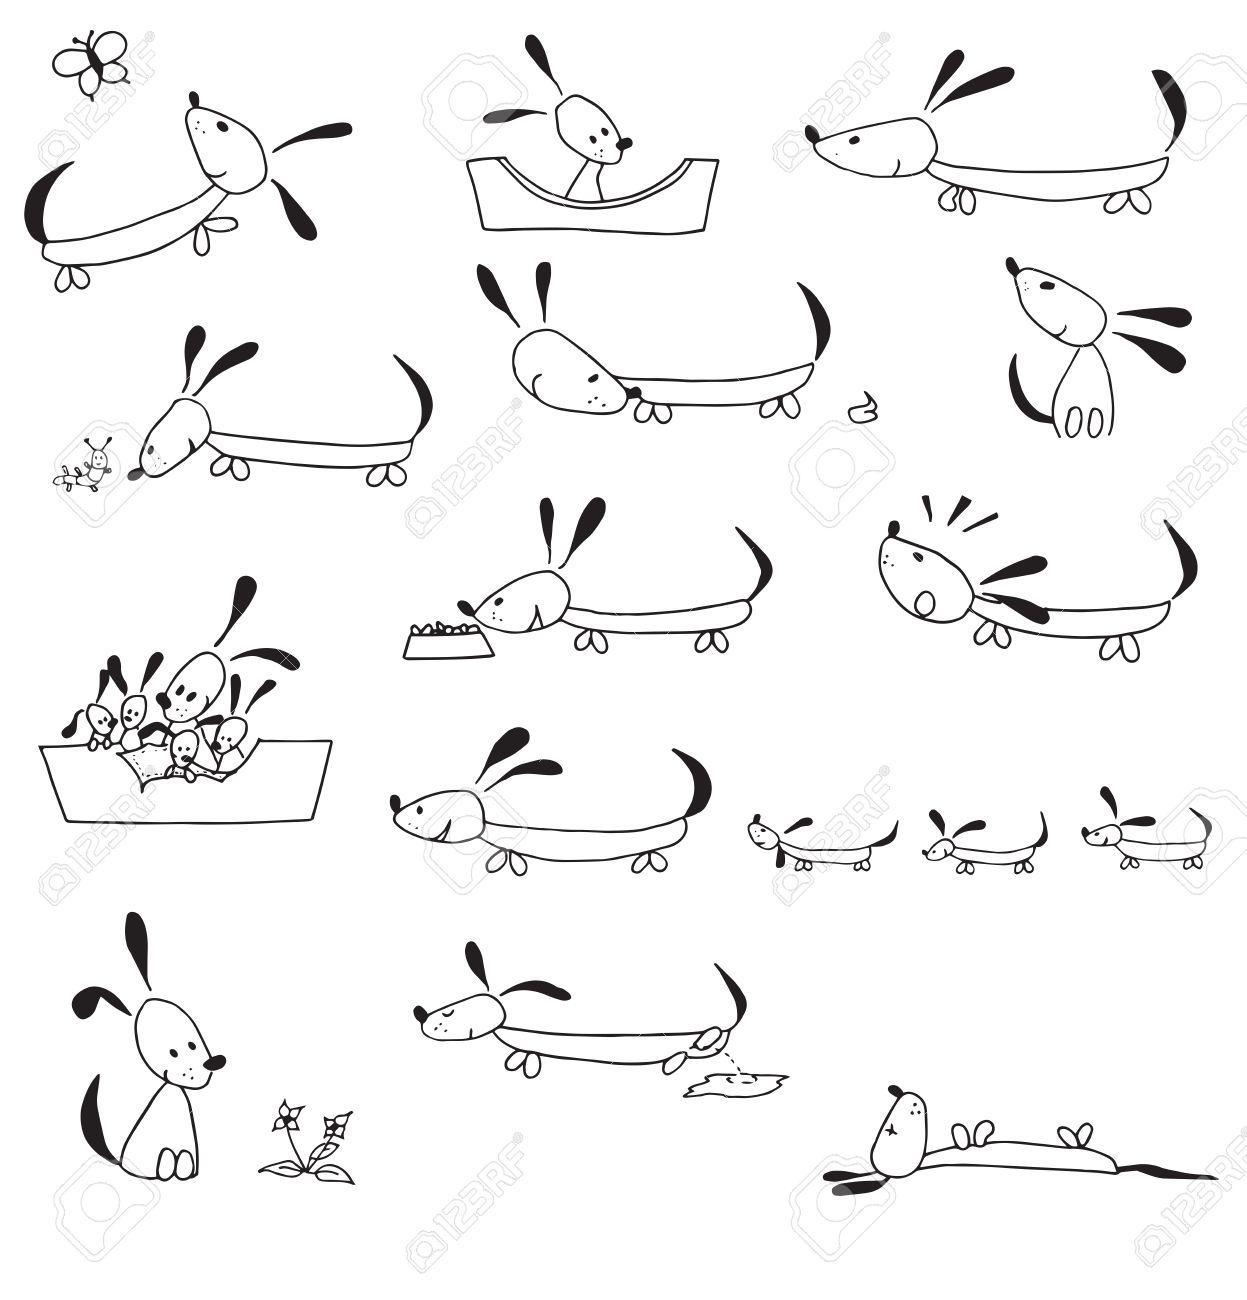 白い背景で隔離されたシンプルなイラストで手描き犬のライフ サイクル